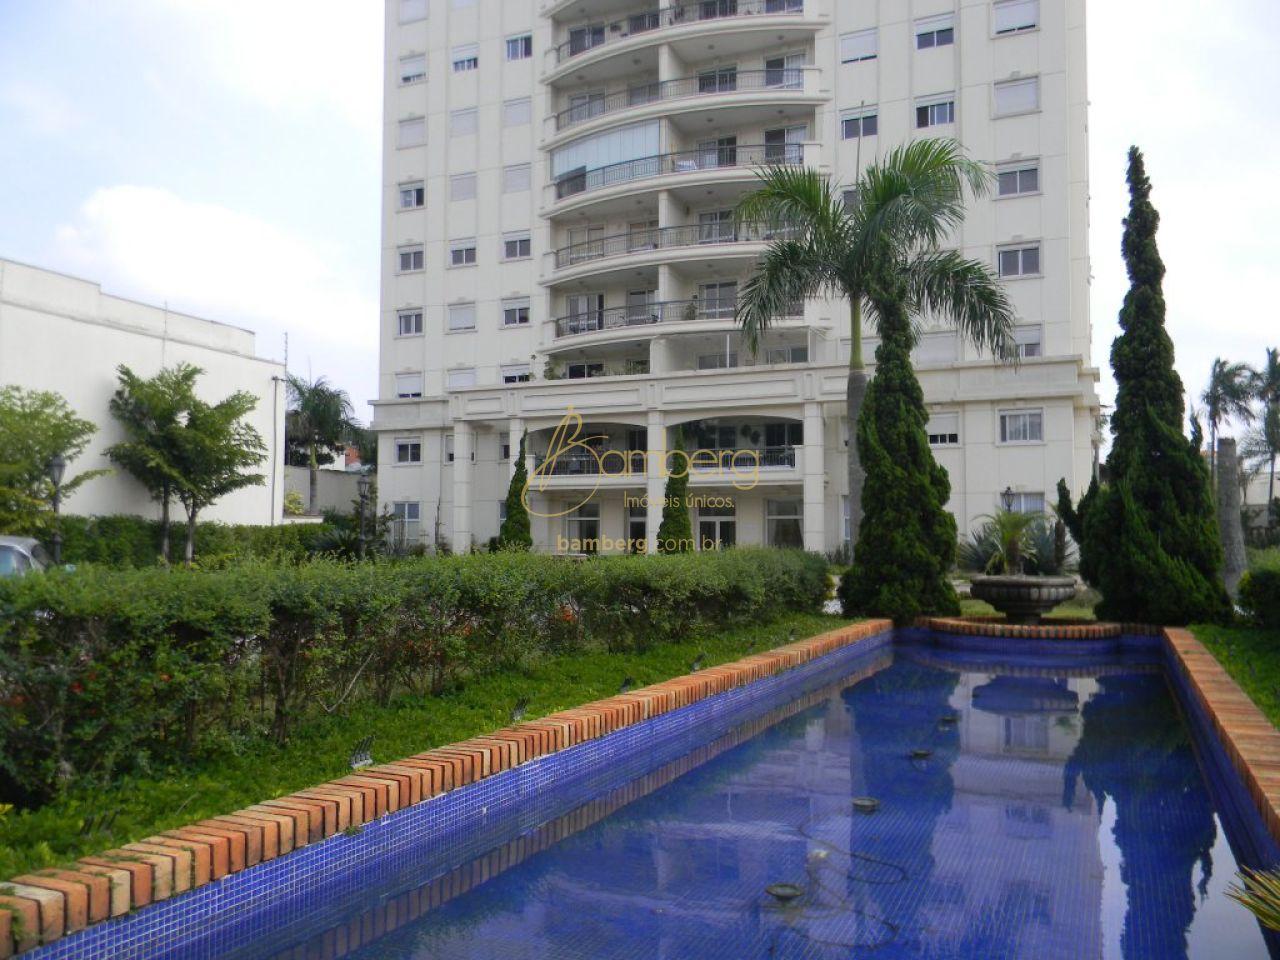 Apartamento de 4 dormitórios à venda em Granja Julieta, São Paulo - SP